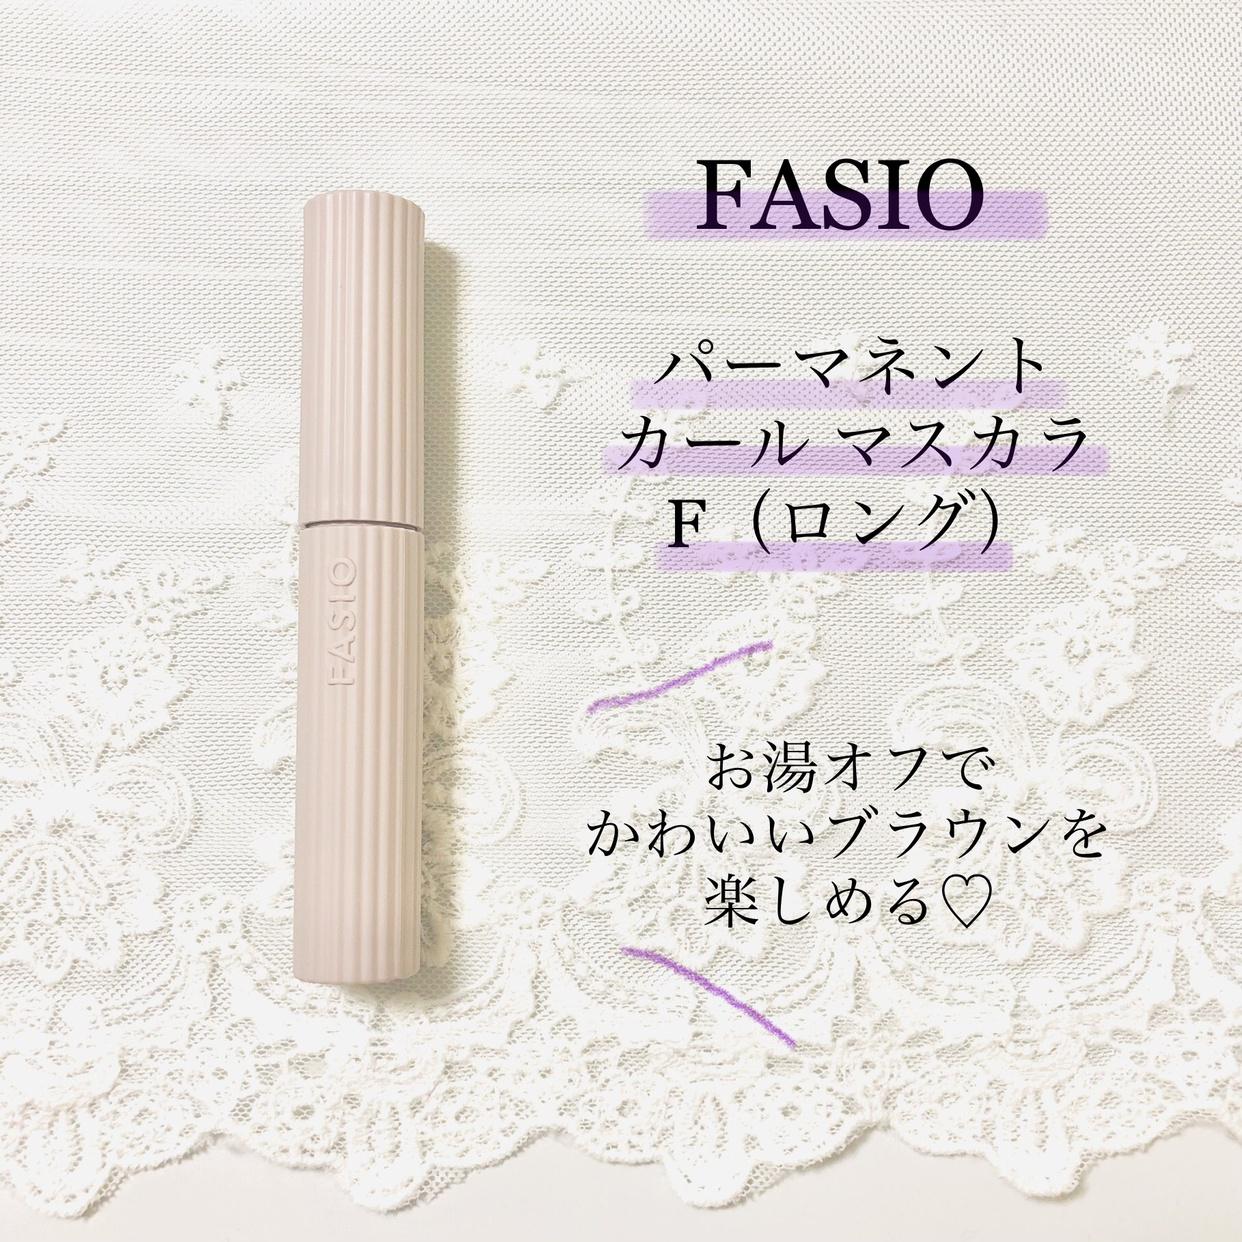 FASIO(ファシオ) パーマネント カール マスカラ F(ロング)の良い点・メリットに関するさっくさんの口コミ画像1